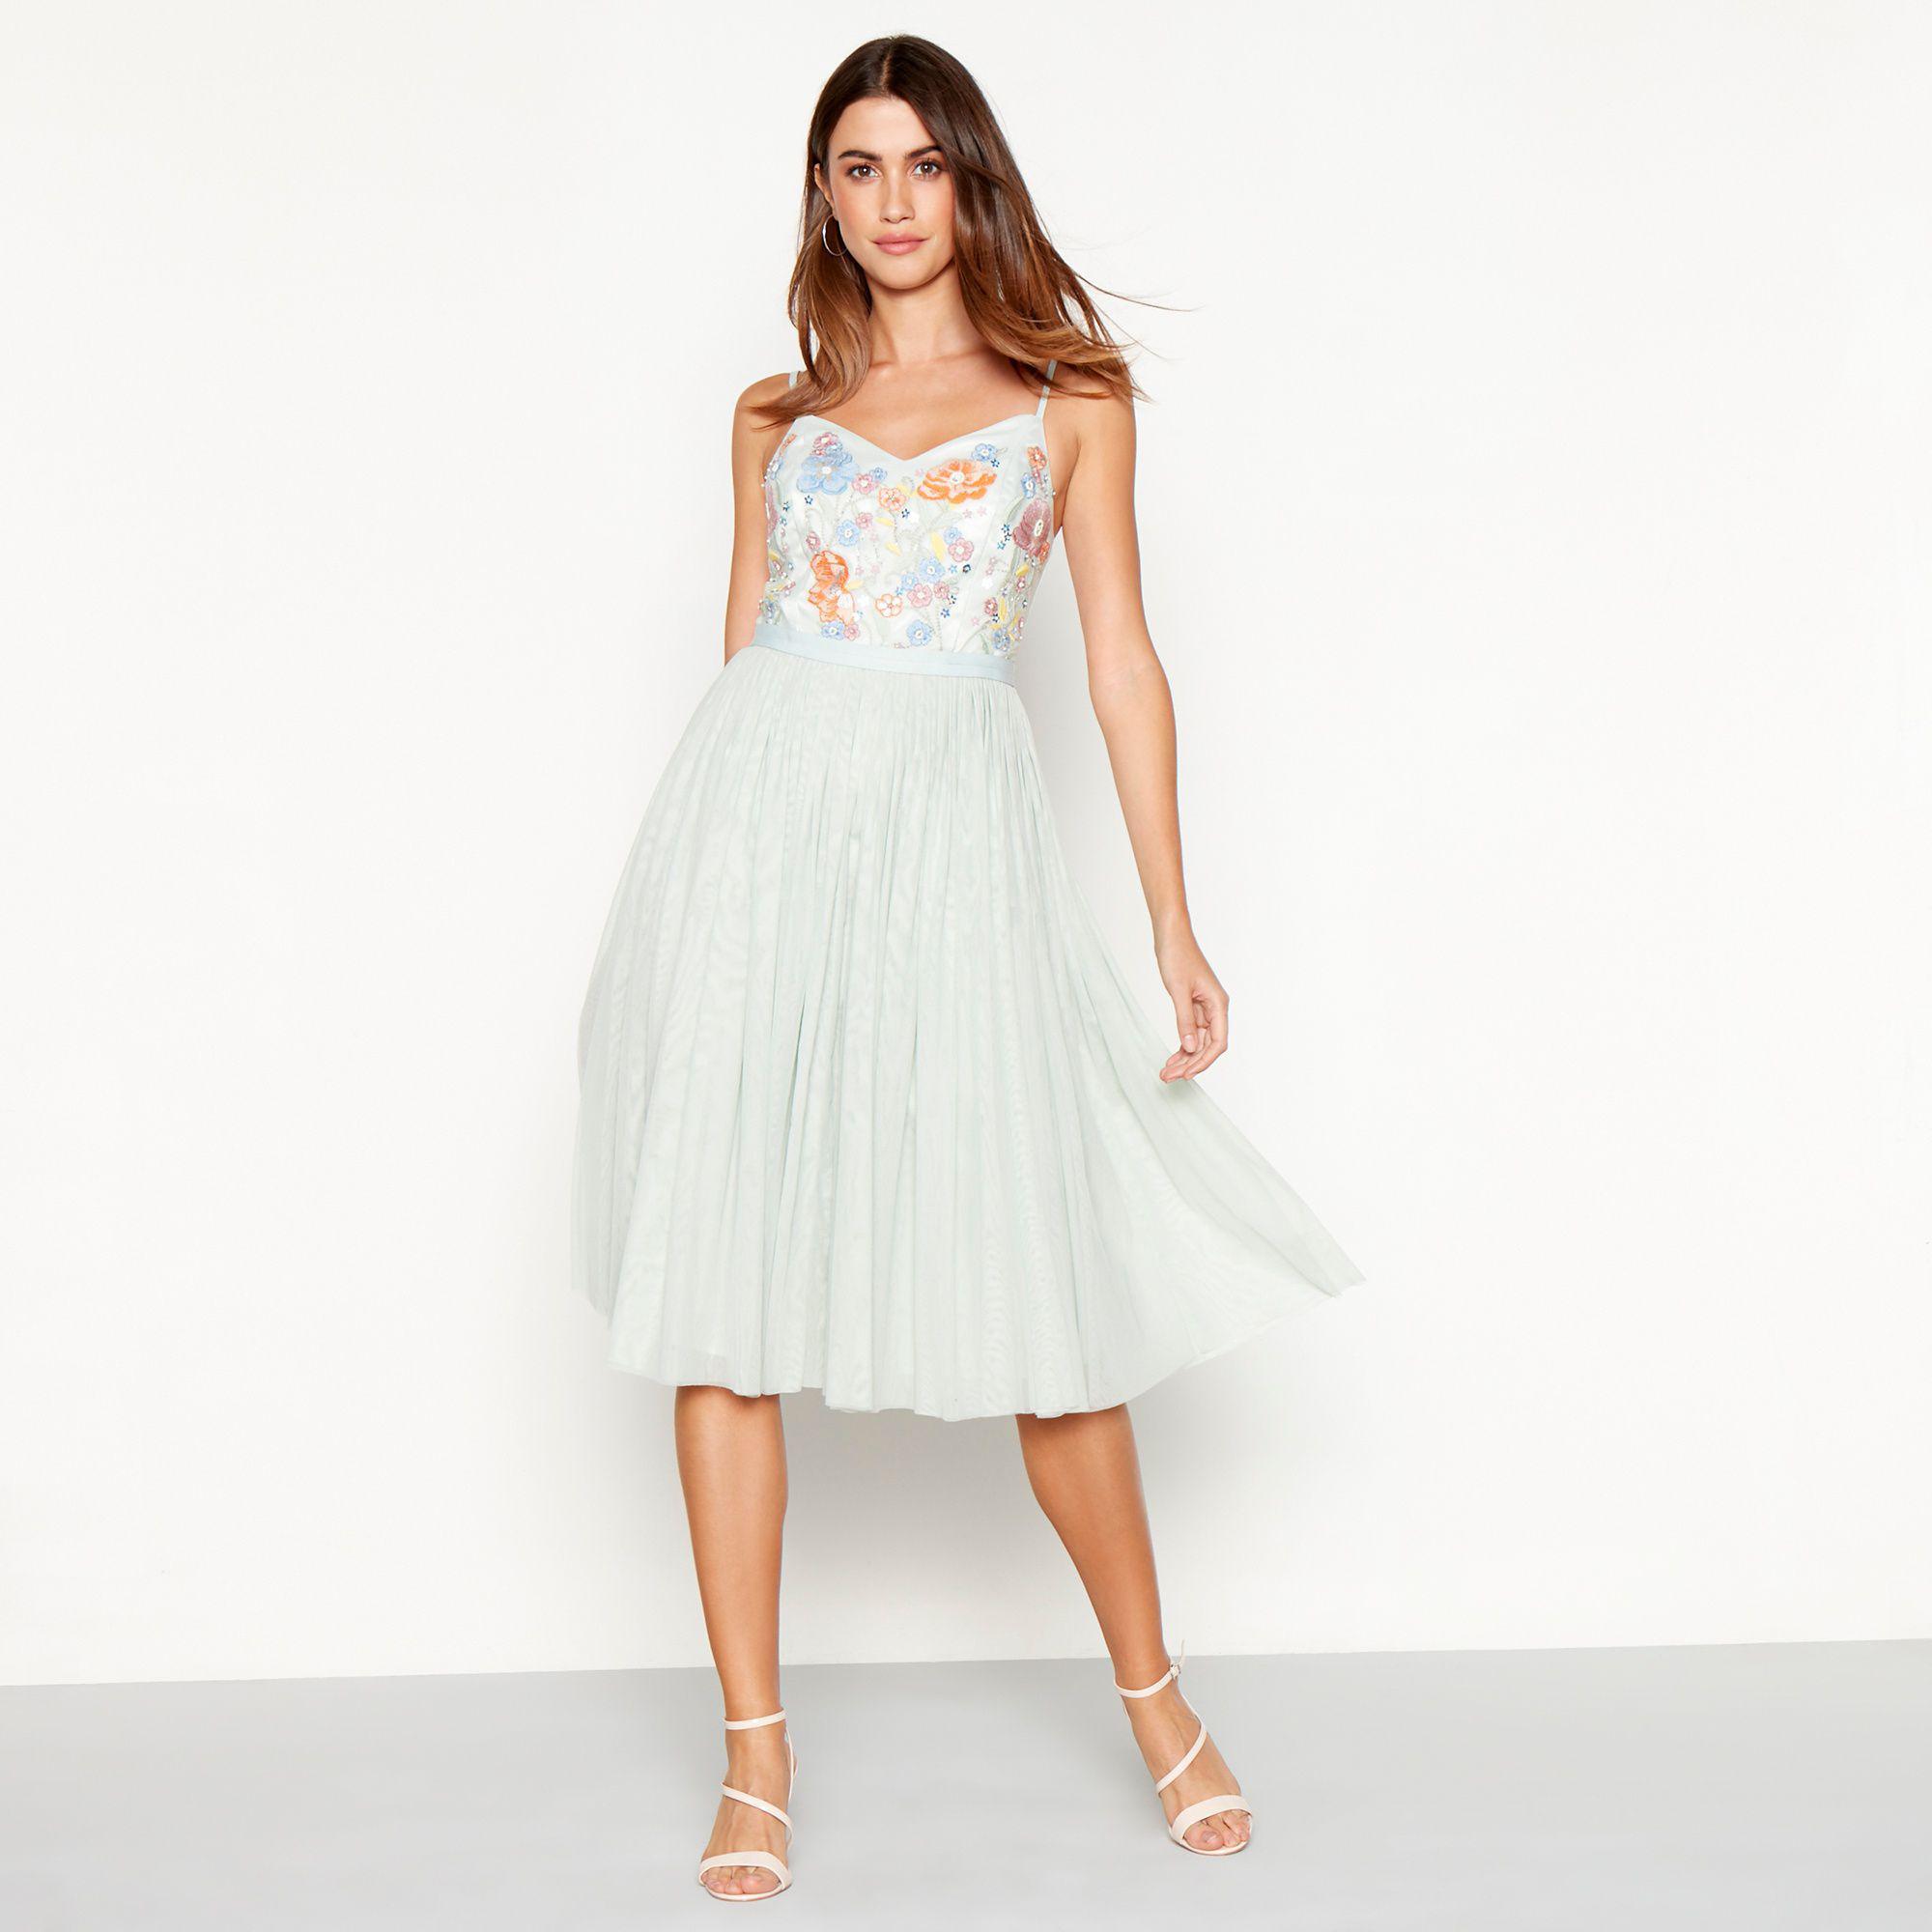 Midi Length Plus Size Dresses